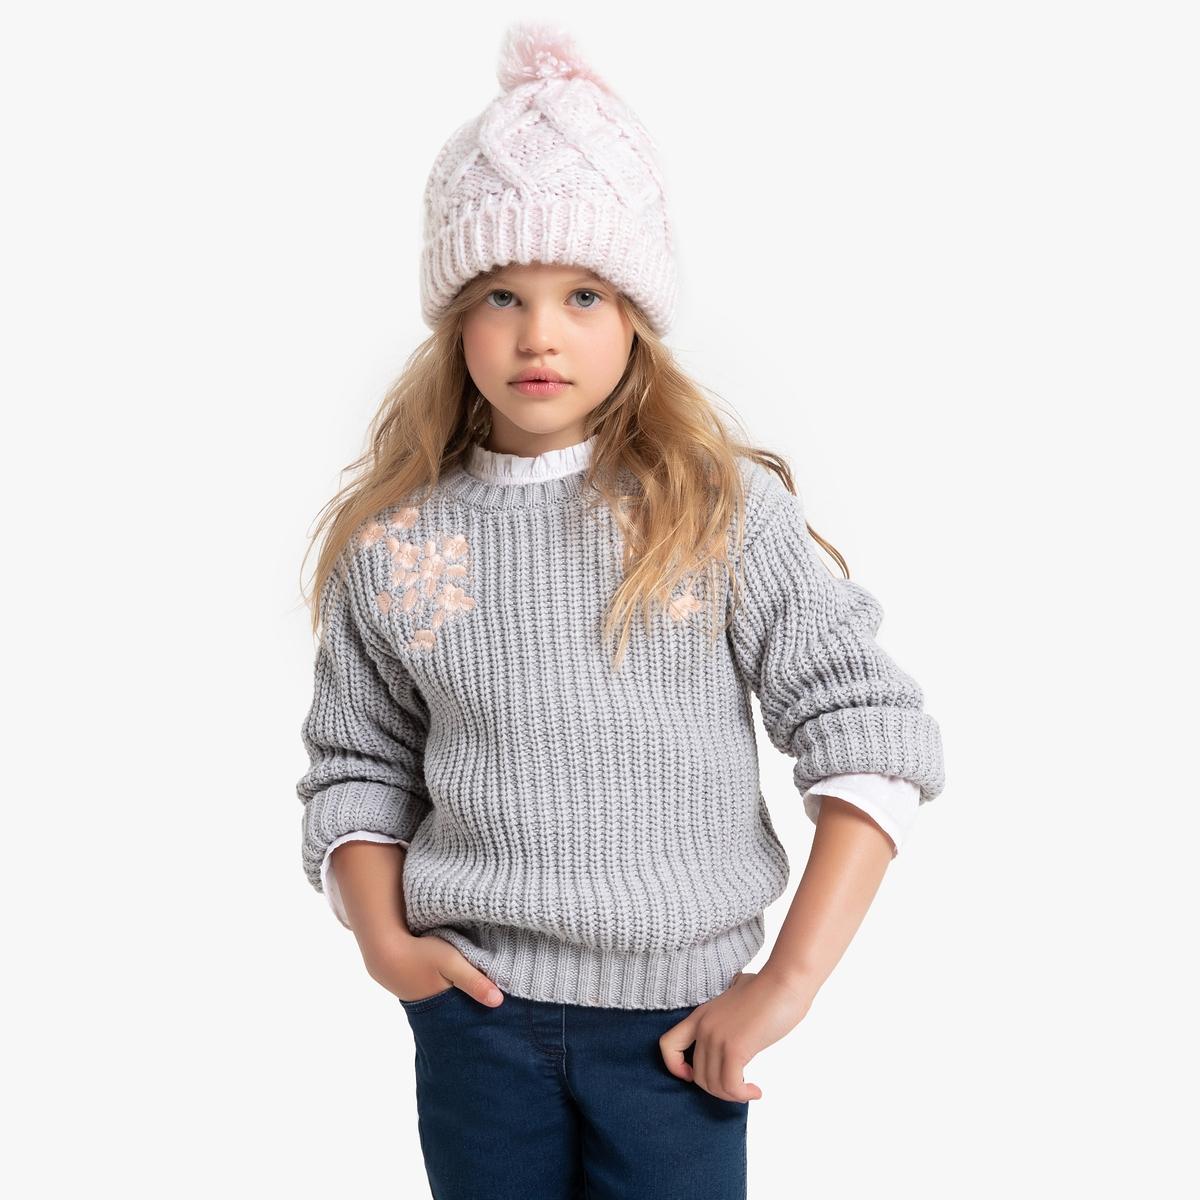 Пуловер La Redoute С круглым вырезом и вышивкой из плотного трикотажа 3 года - 94 см серый футболка la redoute с круглым вырезом и принтом спереди 3 года 94 см серый